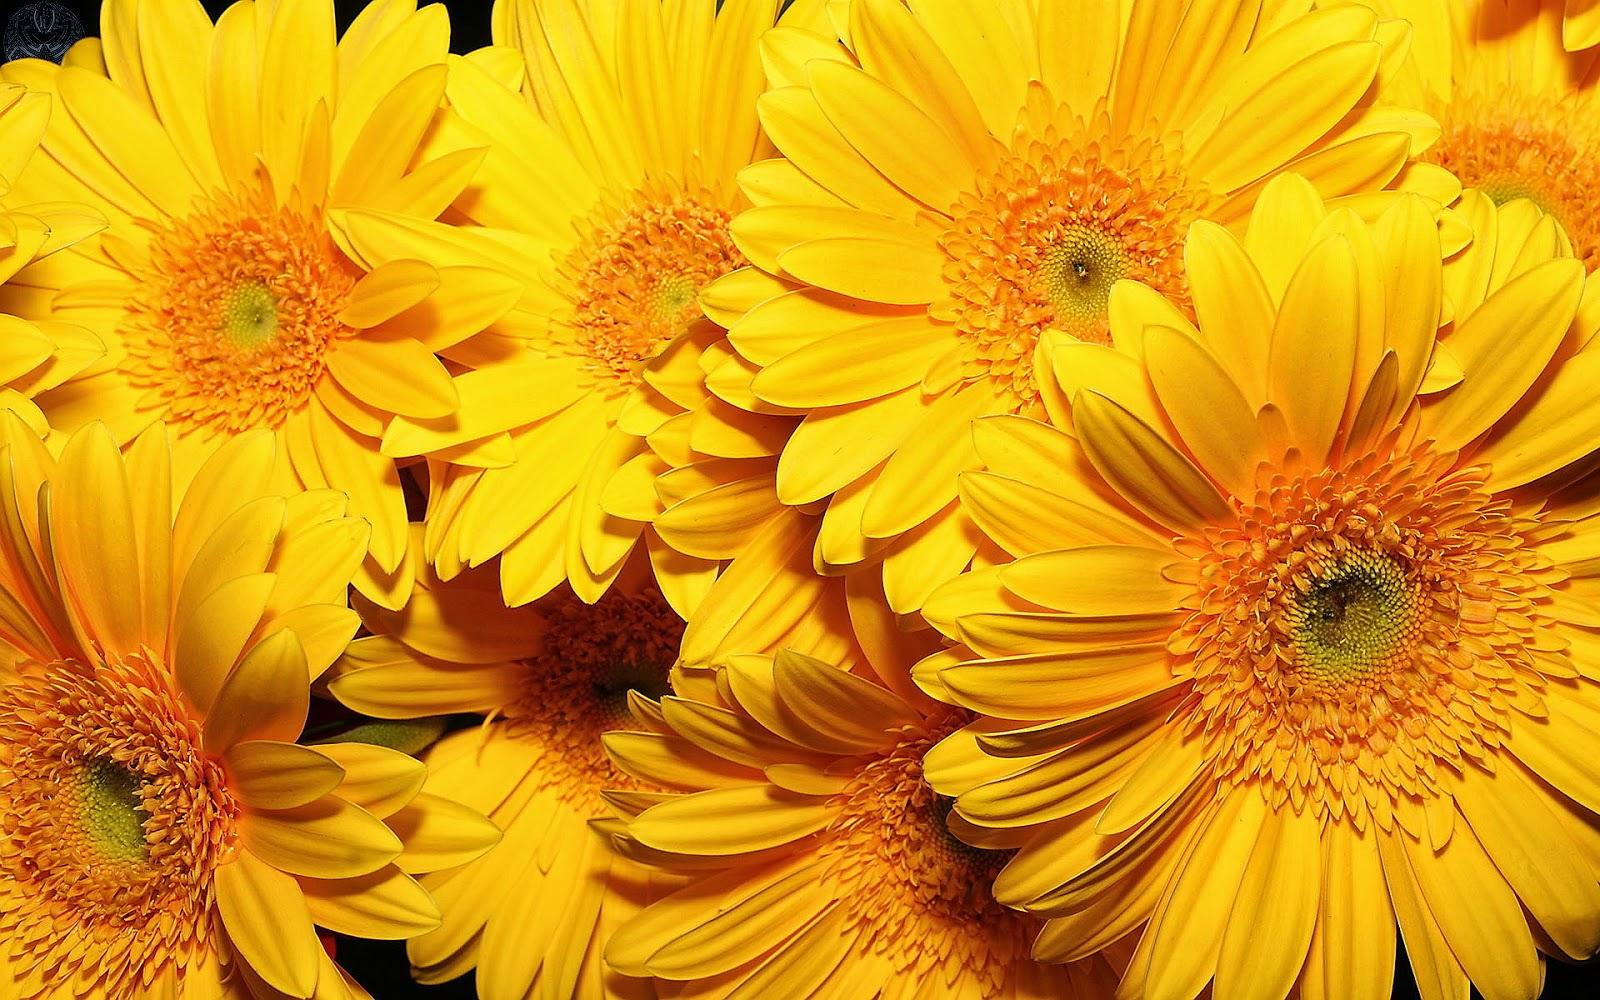 #10 Best Flowers HD Wallpapers